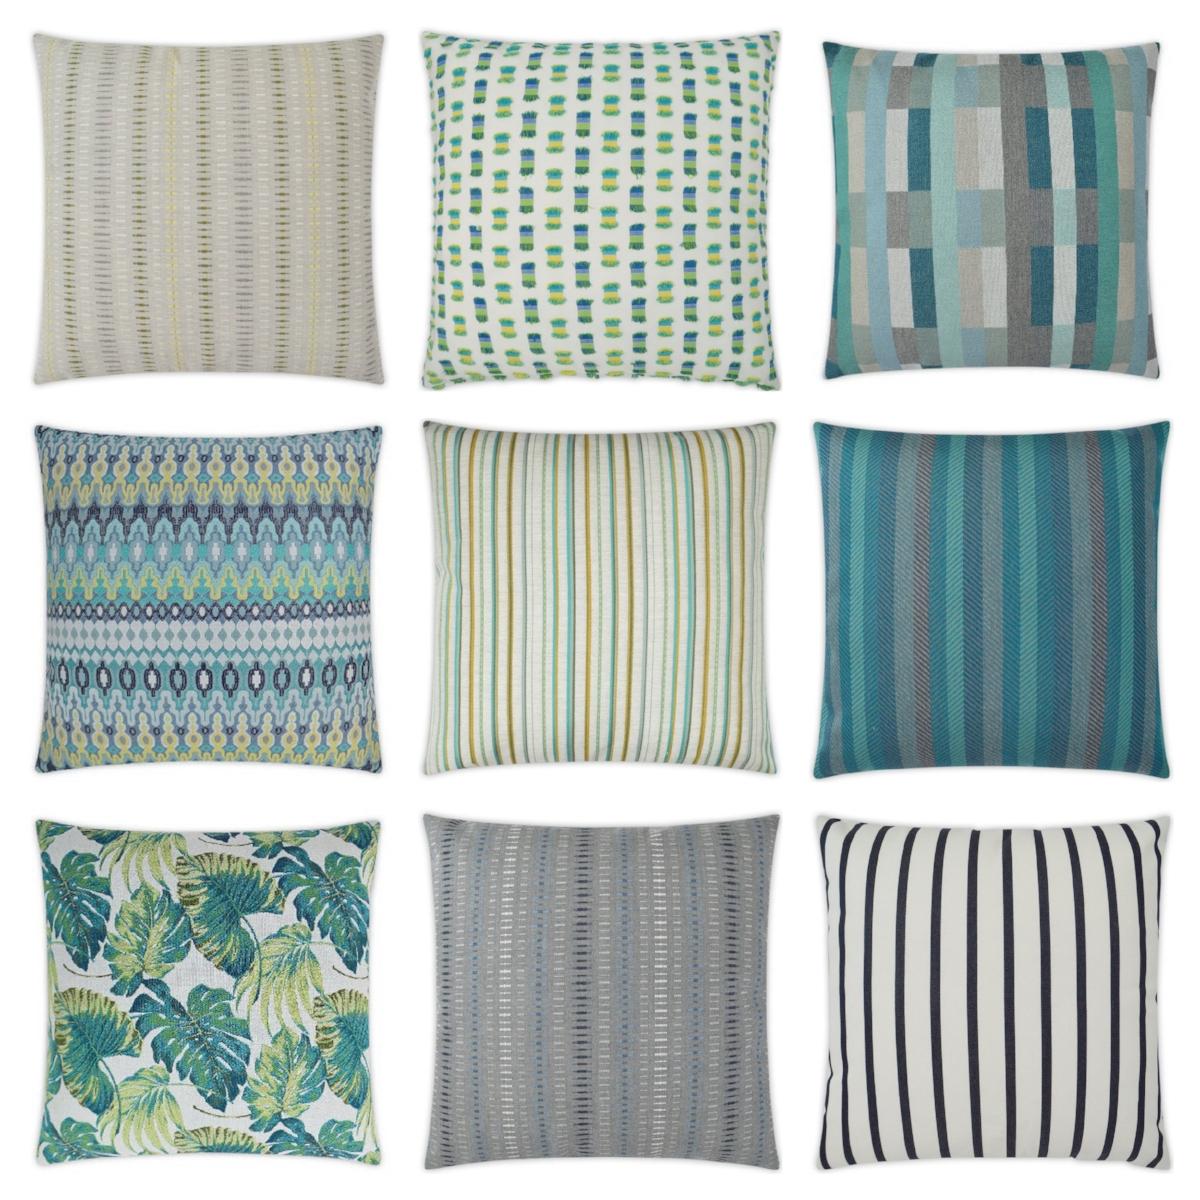 Ocean Series Outdoor Pillows